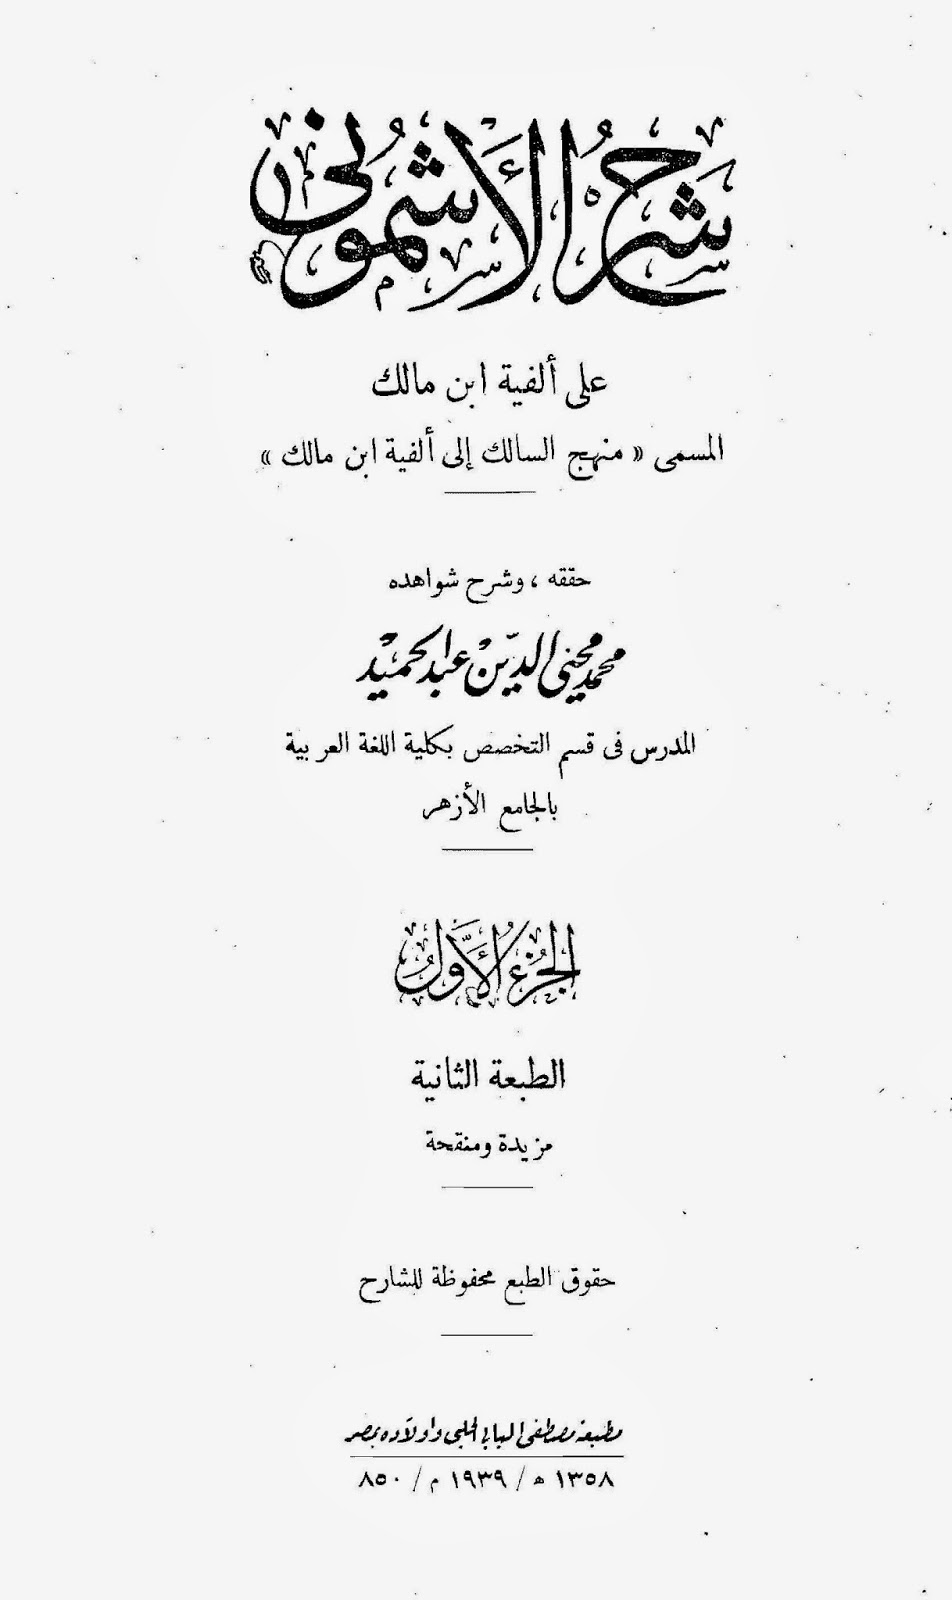 شرح الأشموني على ألفية ابن مالك - حققه وشرح شواهده محمد محي الدين عبد الحميد pdf